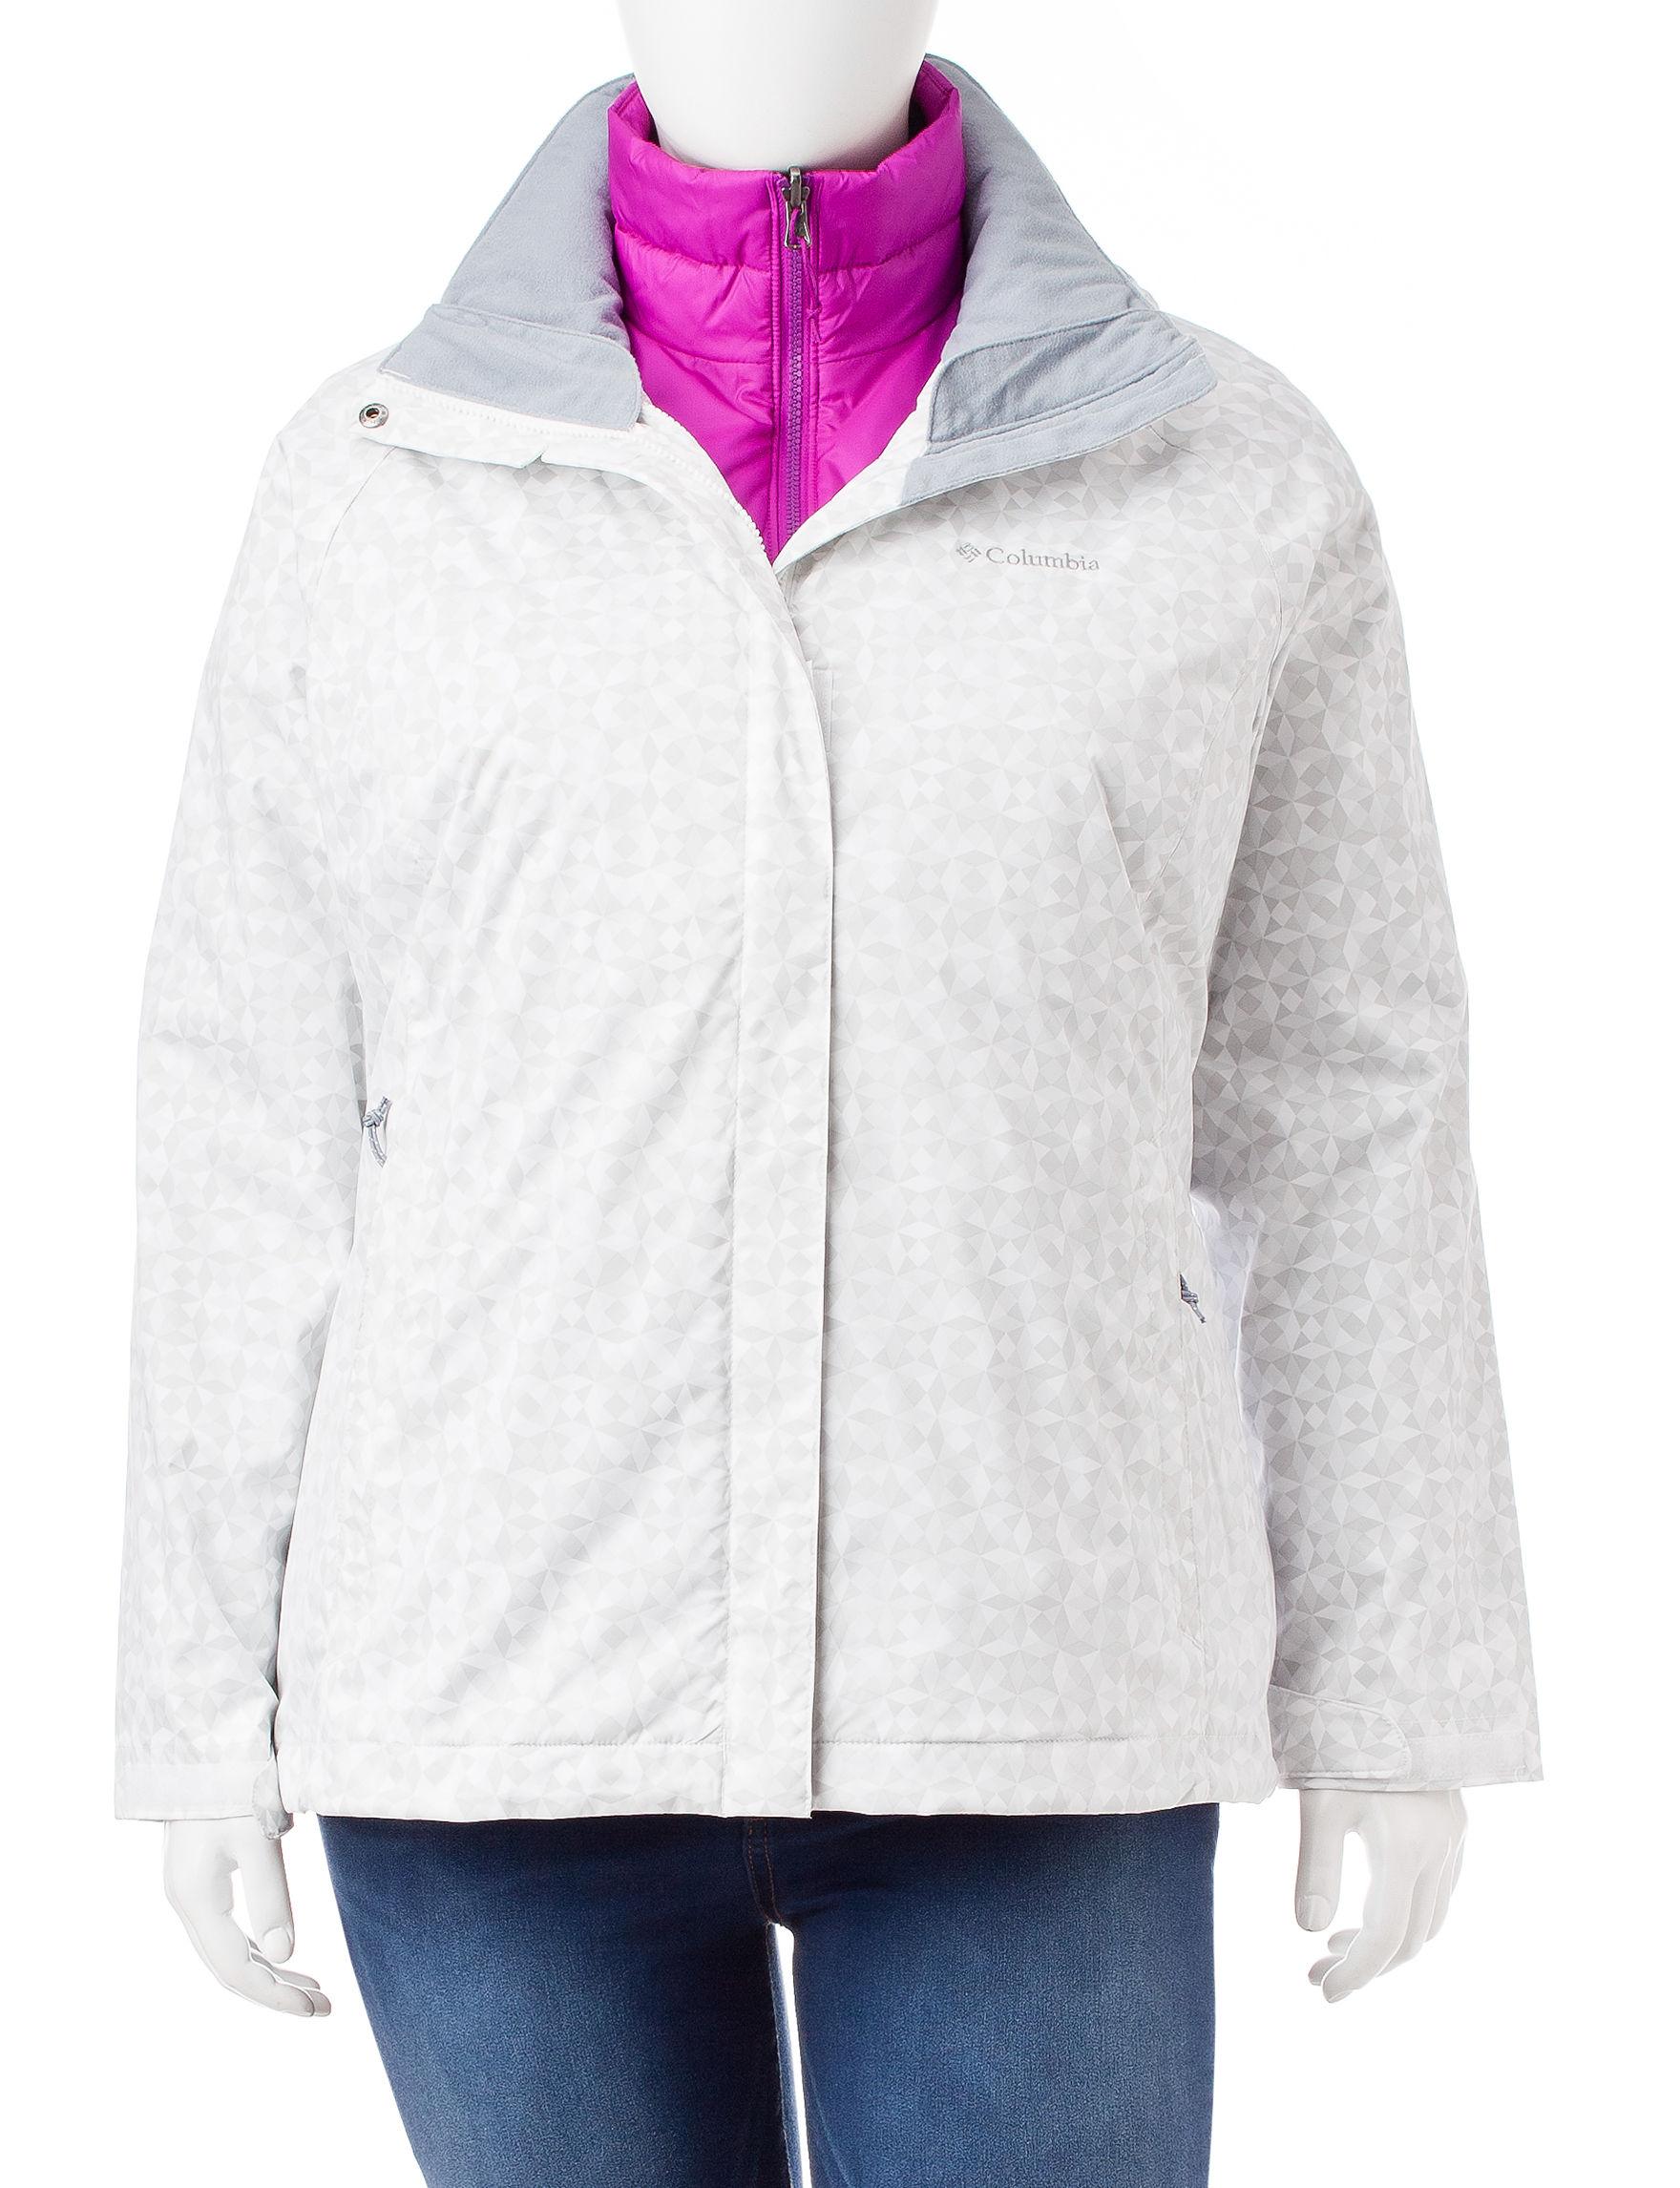 Columbia White / Grey Rain & Snow Jackets